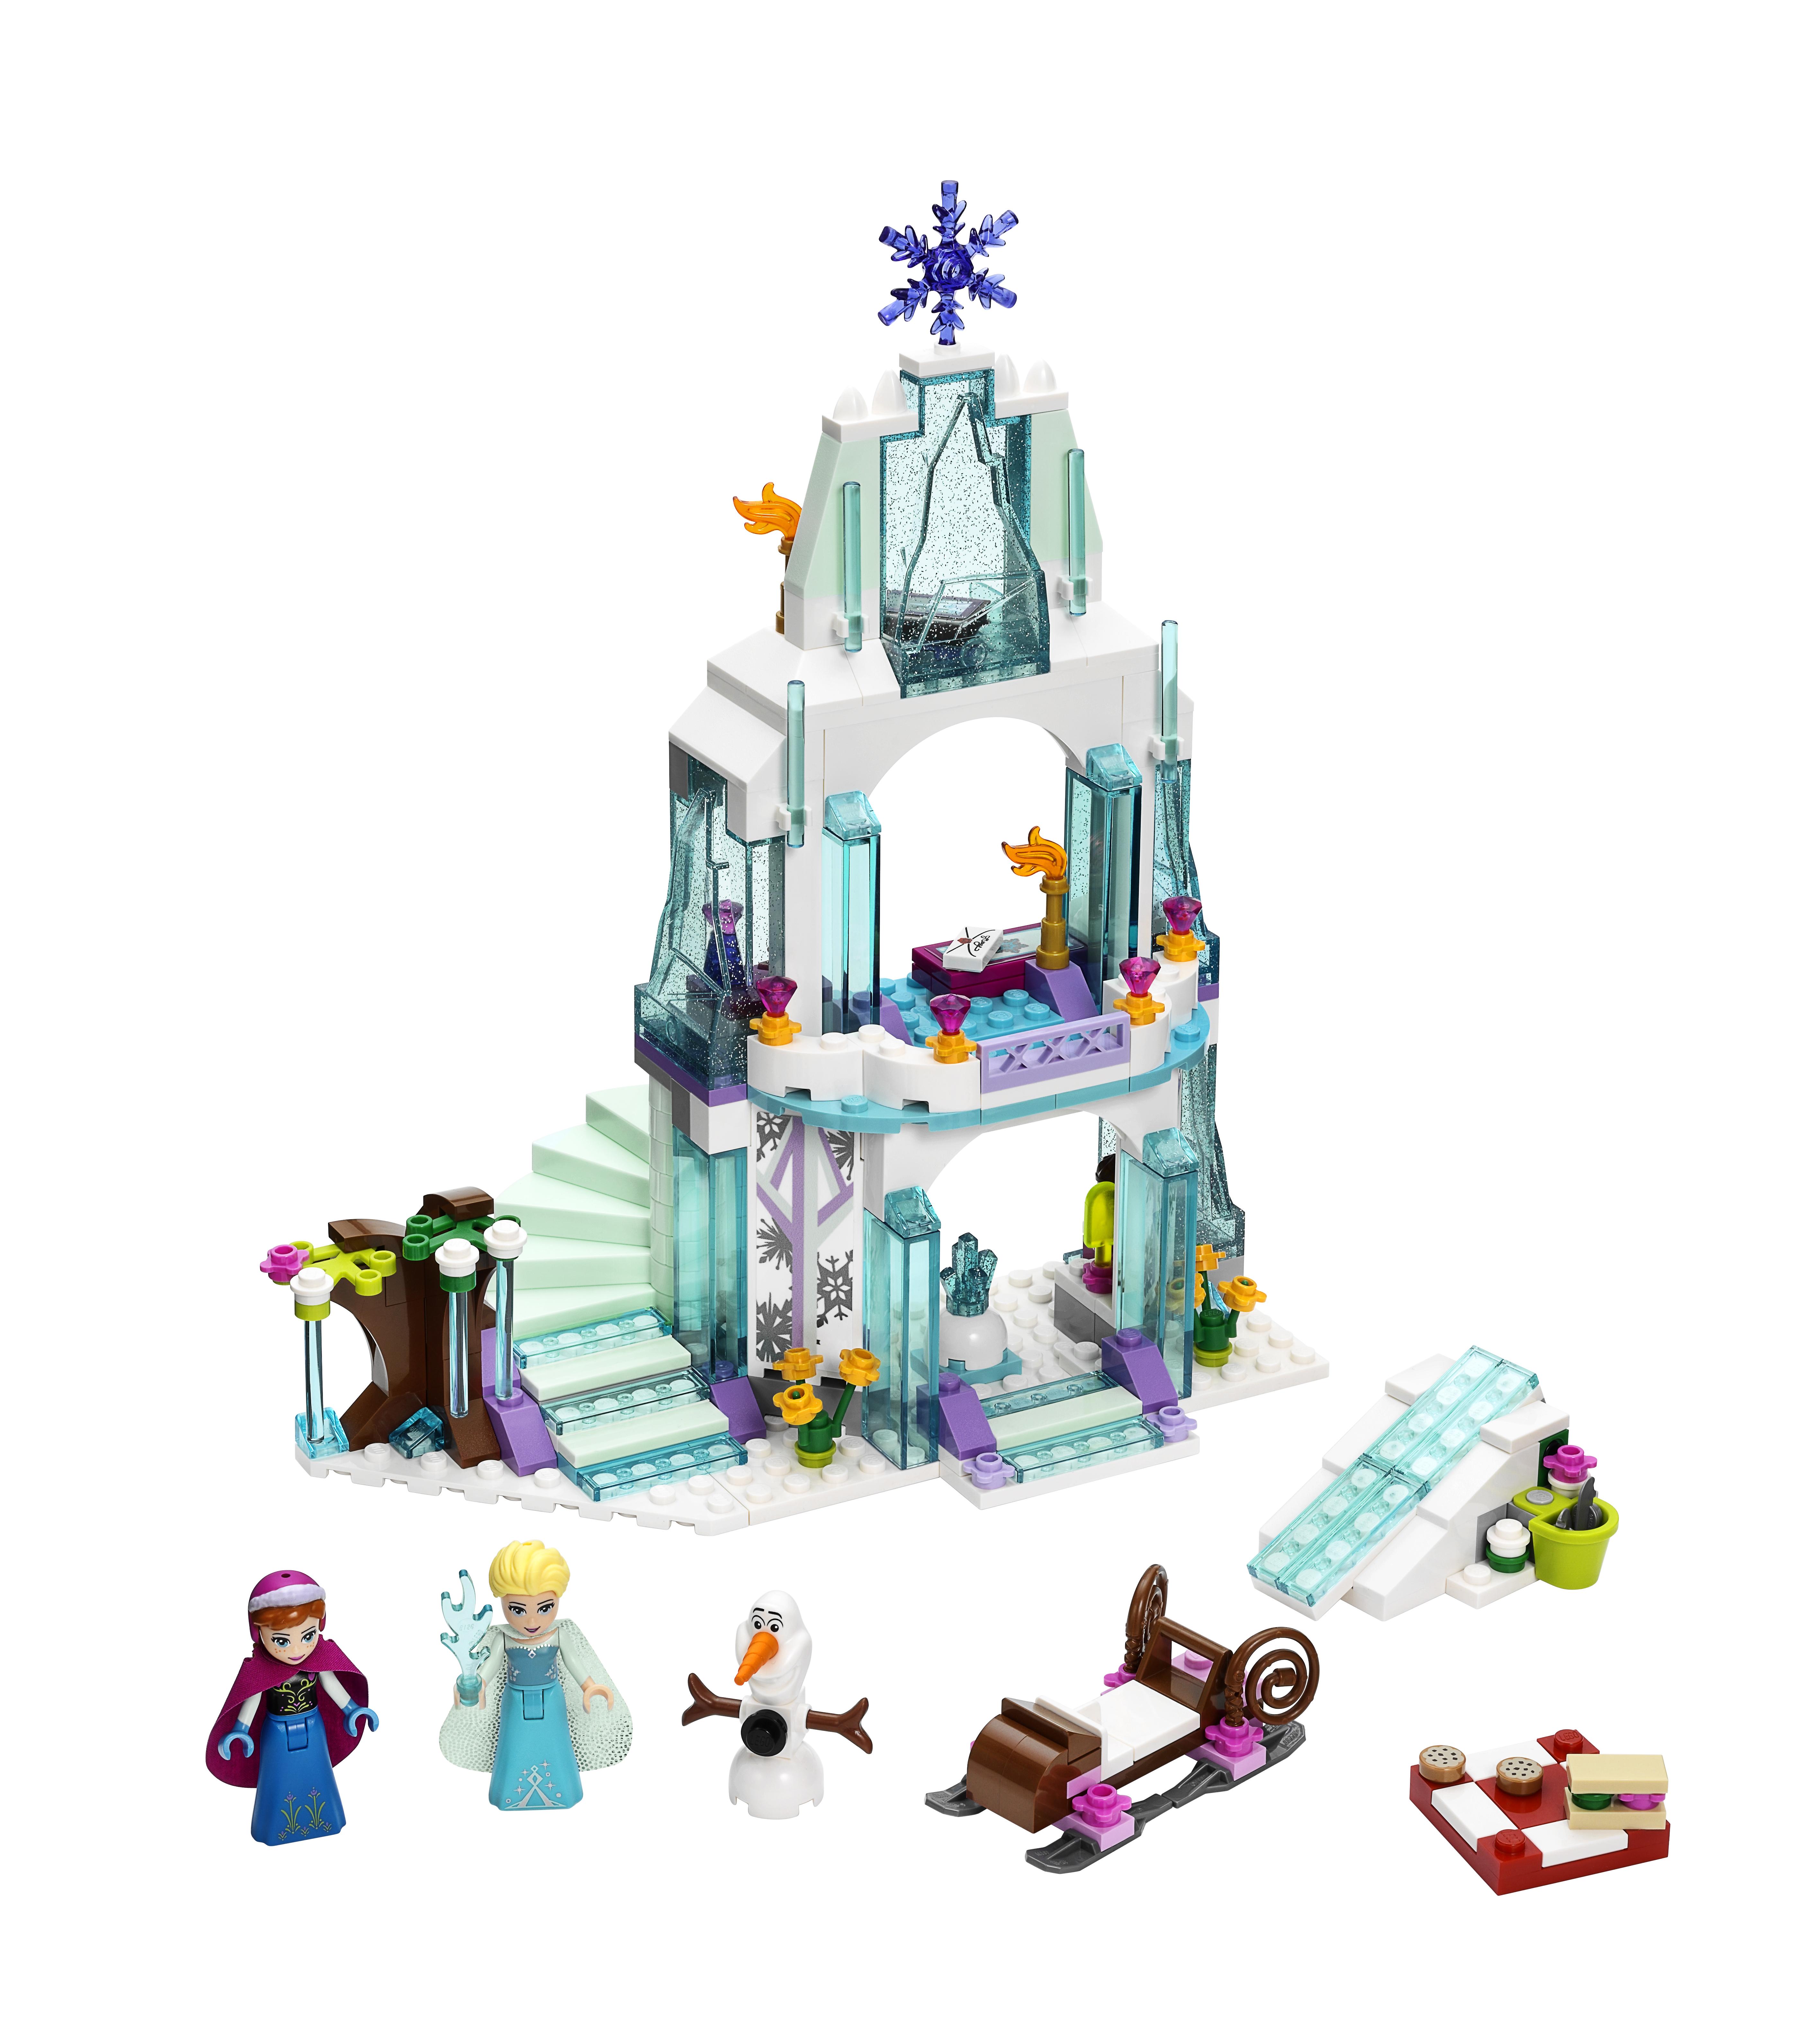 jeux reine des neiges - Jeux En Ligne Reine Des Neiges